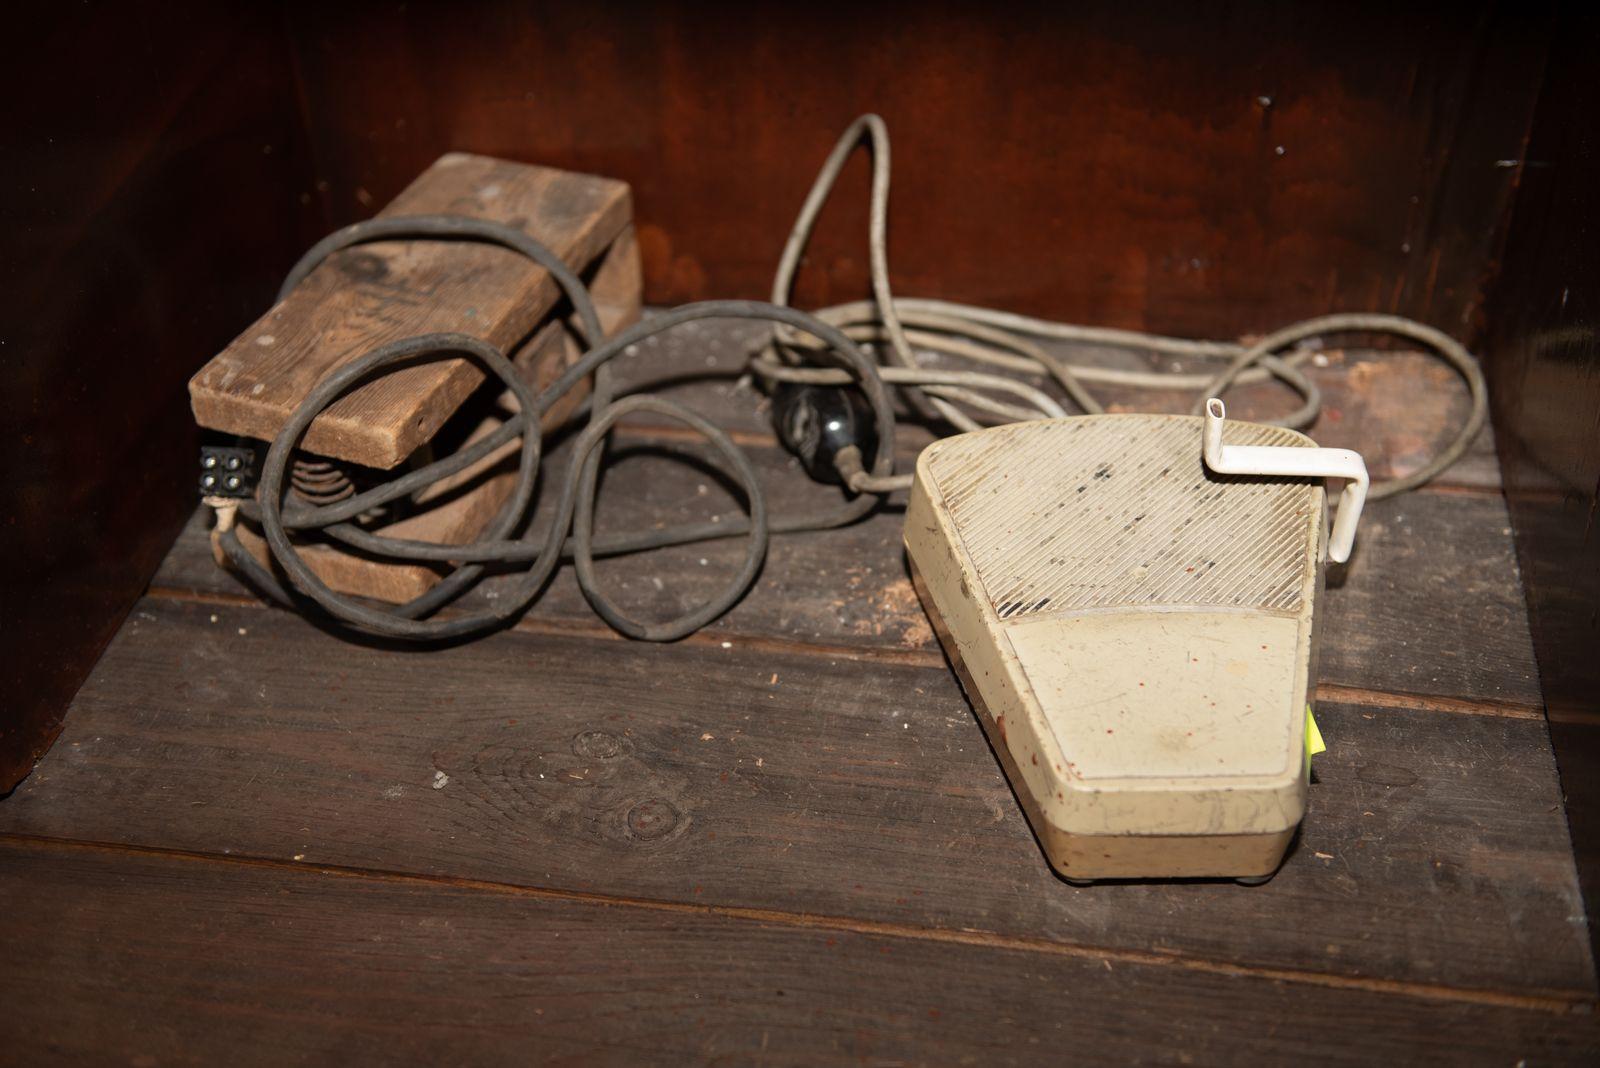 Muzei297_Части от зъботехническа апаратура - реостати за висящи мотори от средата на ХХ век